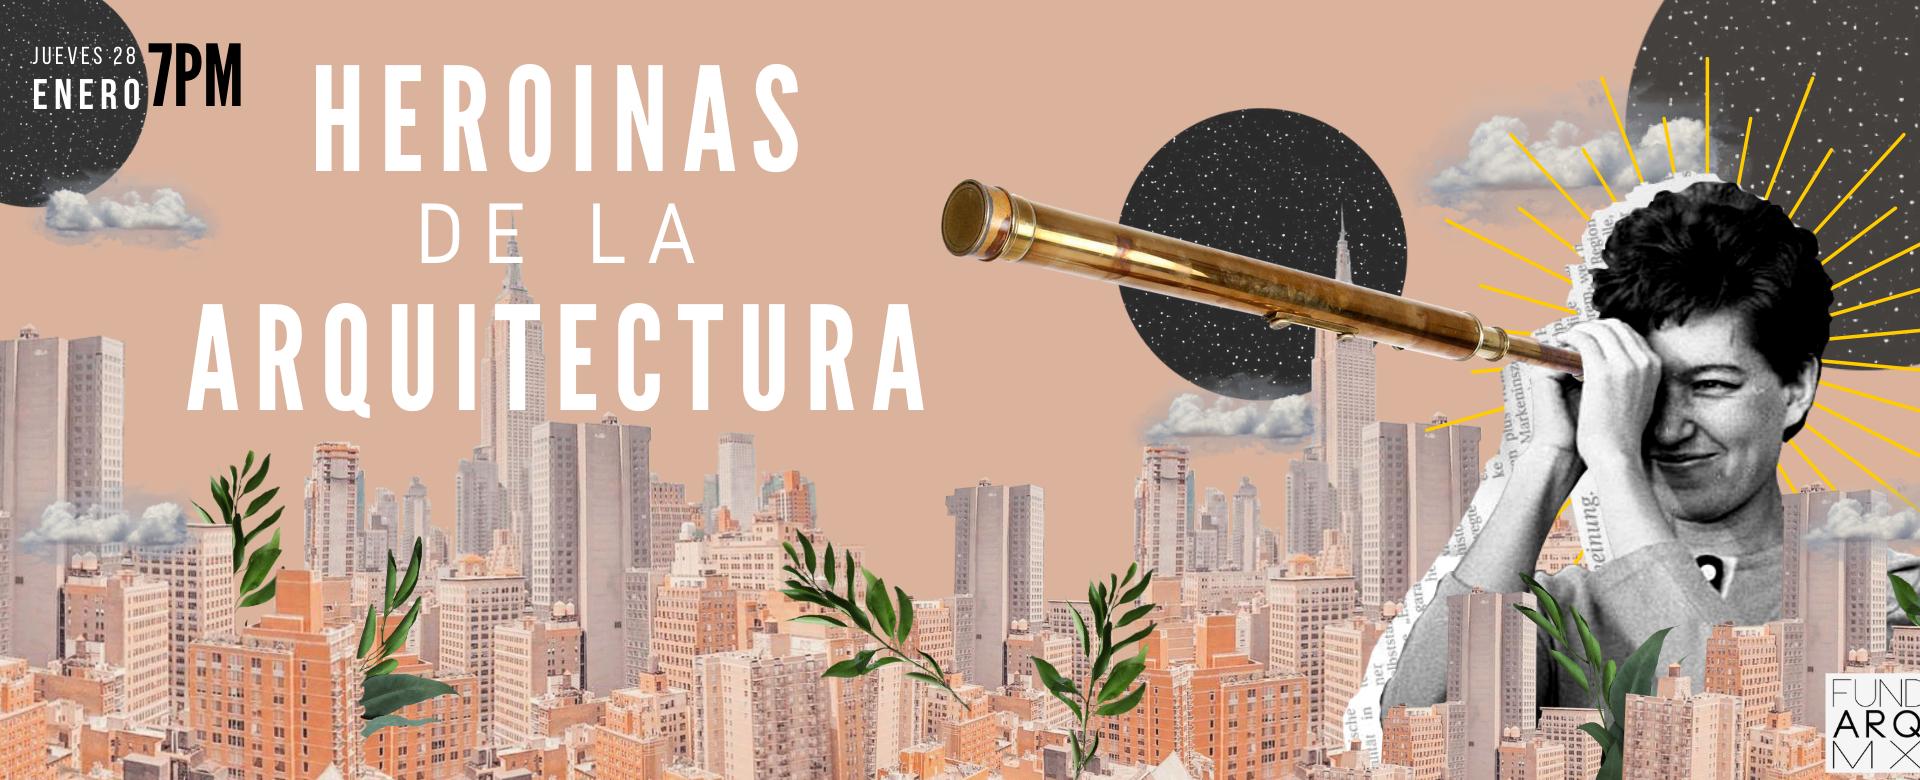 PORTADA HEROINAS DE LA ARQUITECTURA .png